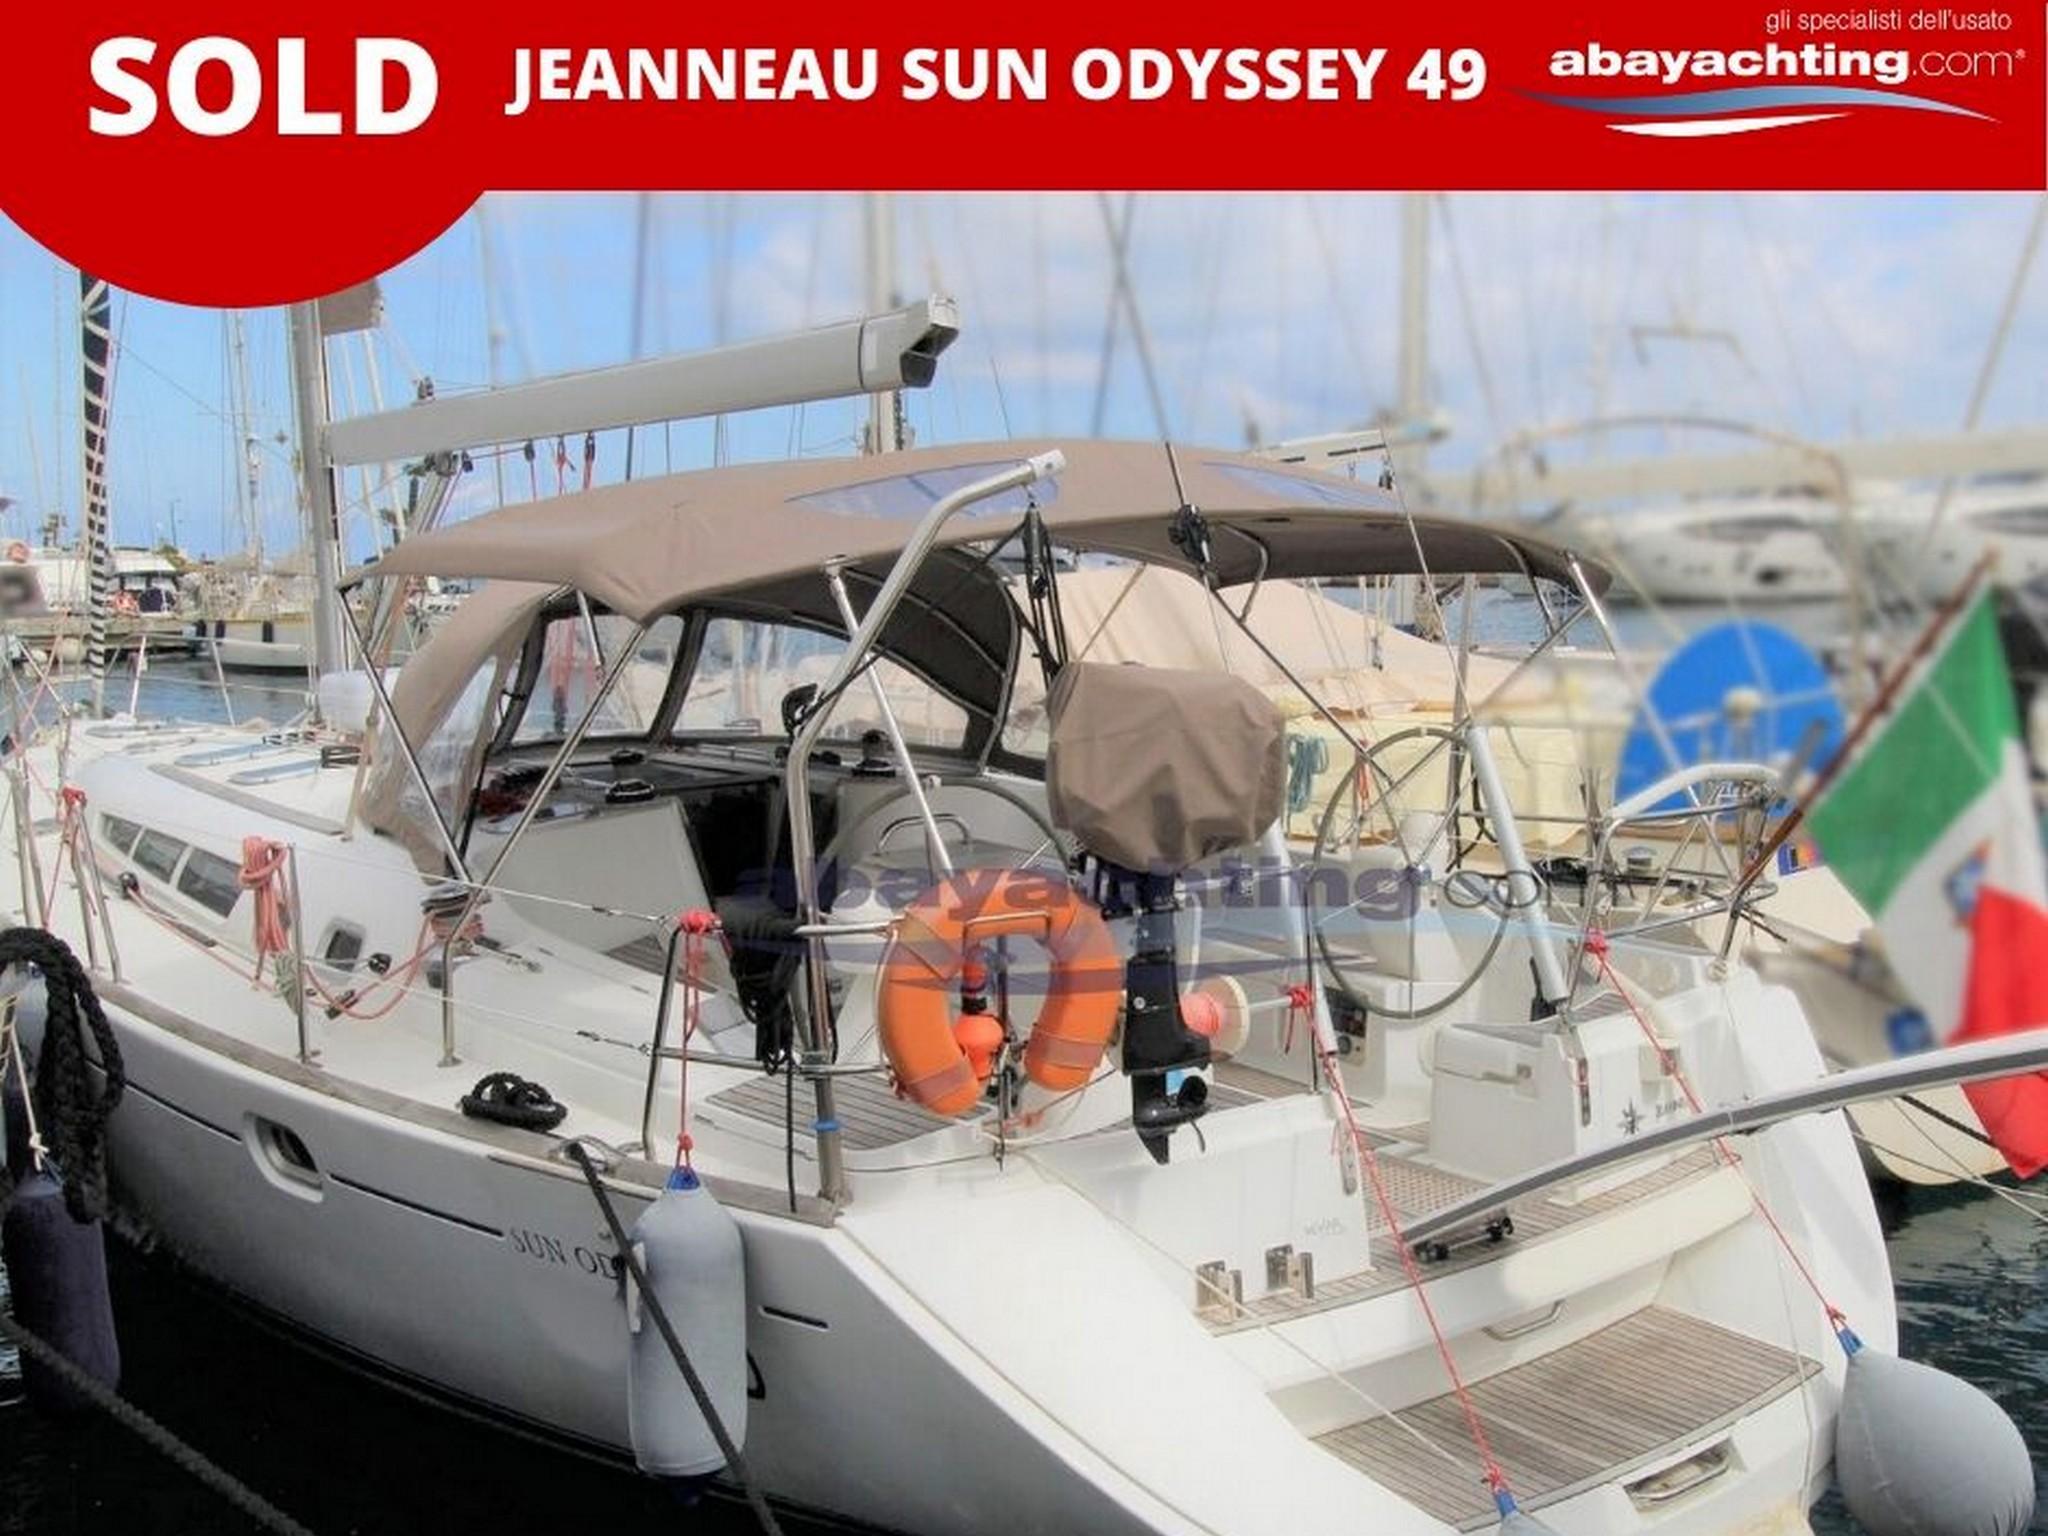 Jeanneau Sun Odyssey 49 2005 sold